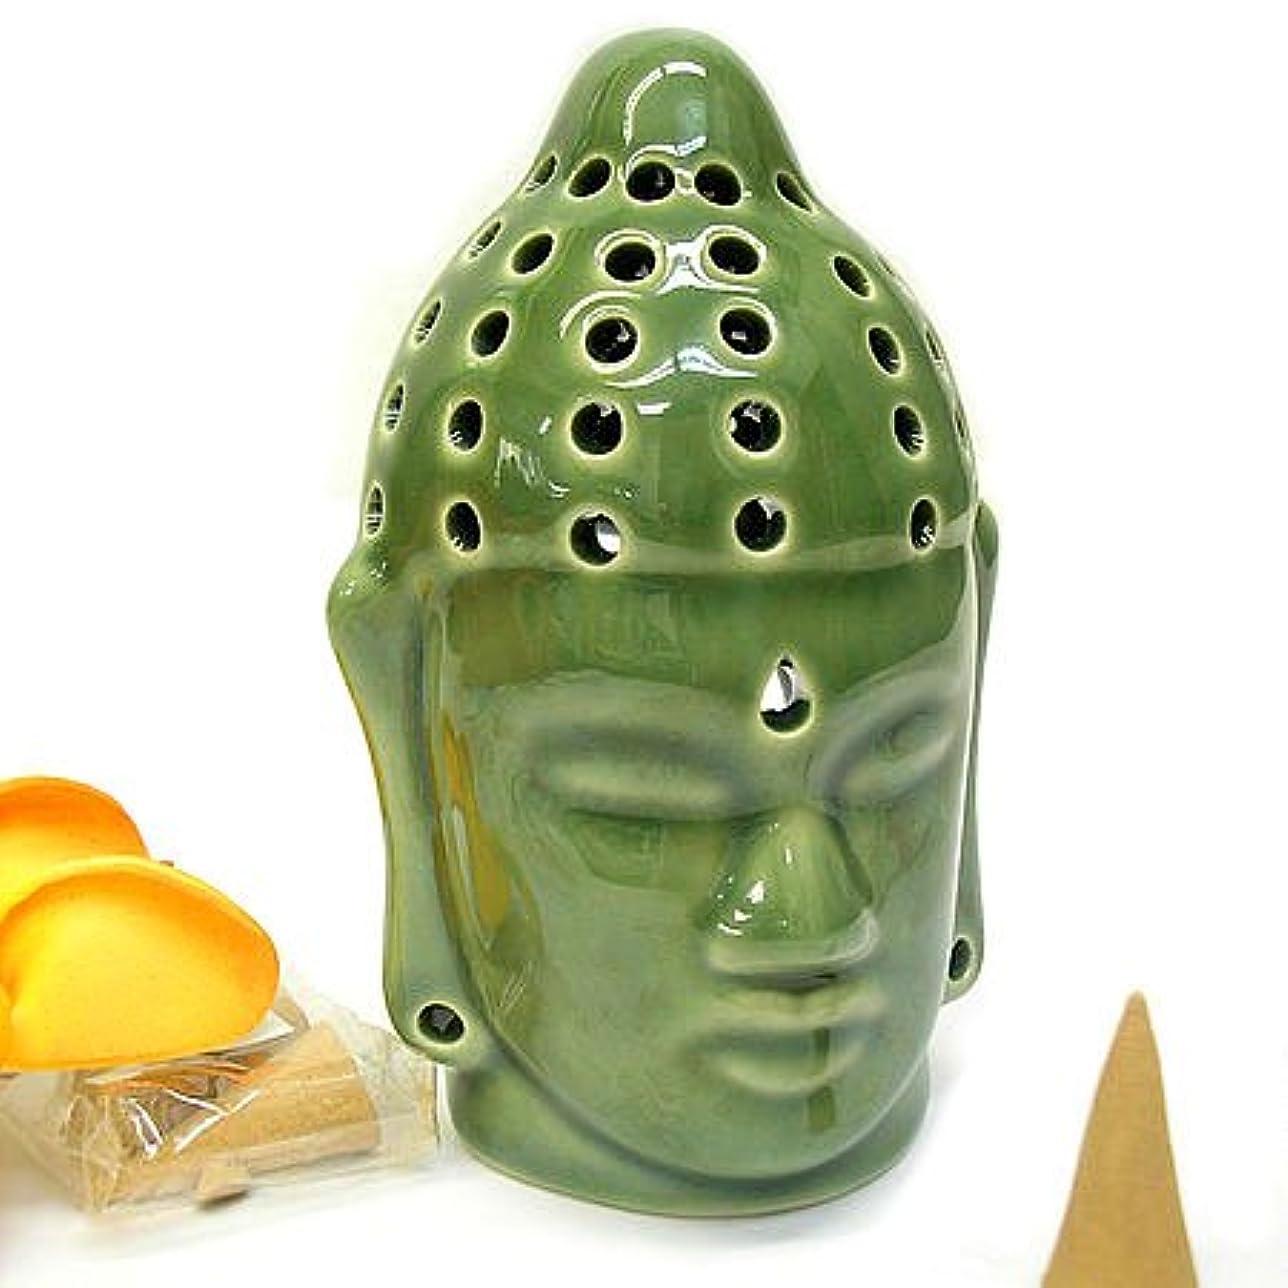 不測の事態モノグラフ砲撃仏陀の お香たて 香炉 コーン用 緑 インセンスホルダー コーン用 お香立て お香たて アジアン雑貨 バリ雑貨